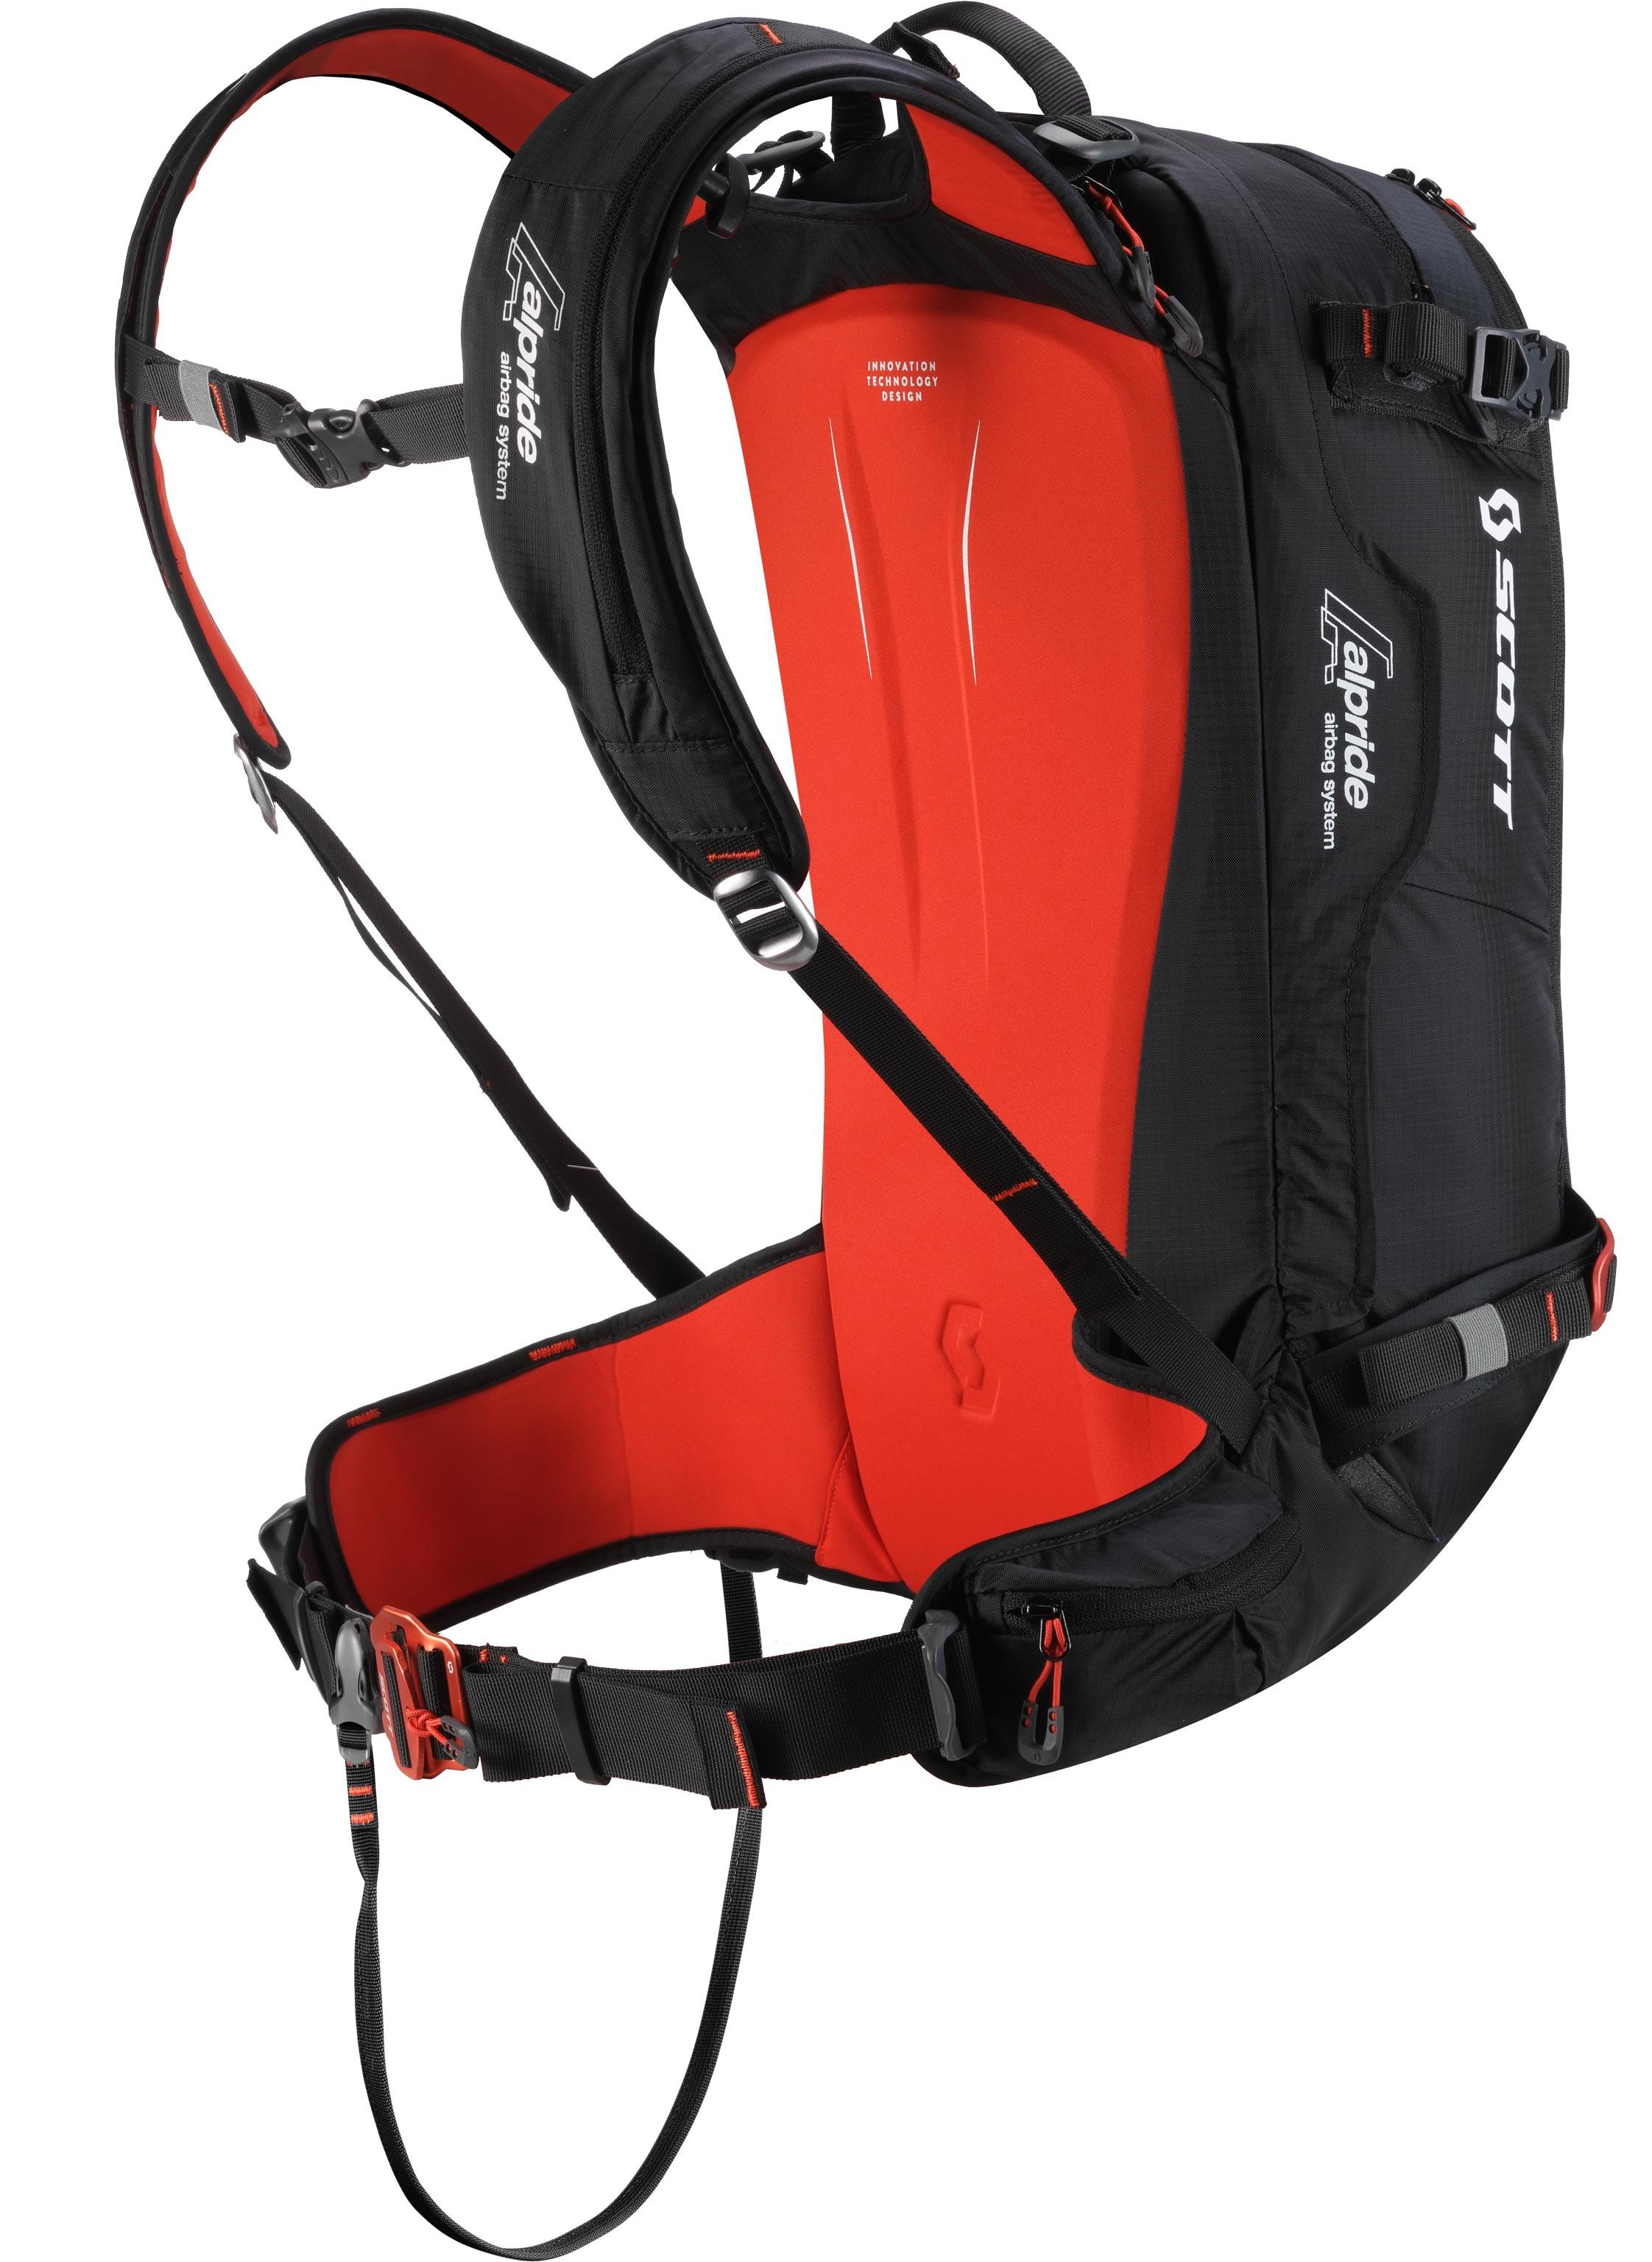 Scott Air Free AP 32 - Avalanche airbag ready - Bags   Packs 0a7ed4960f7d3